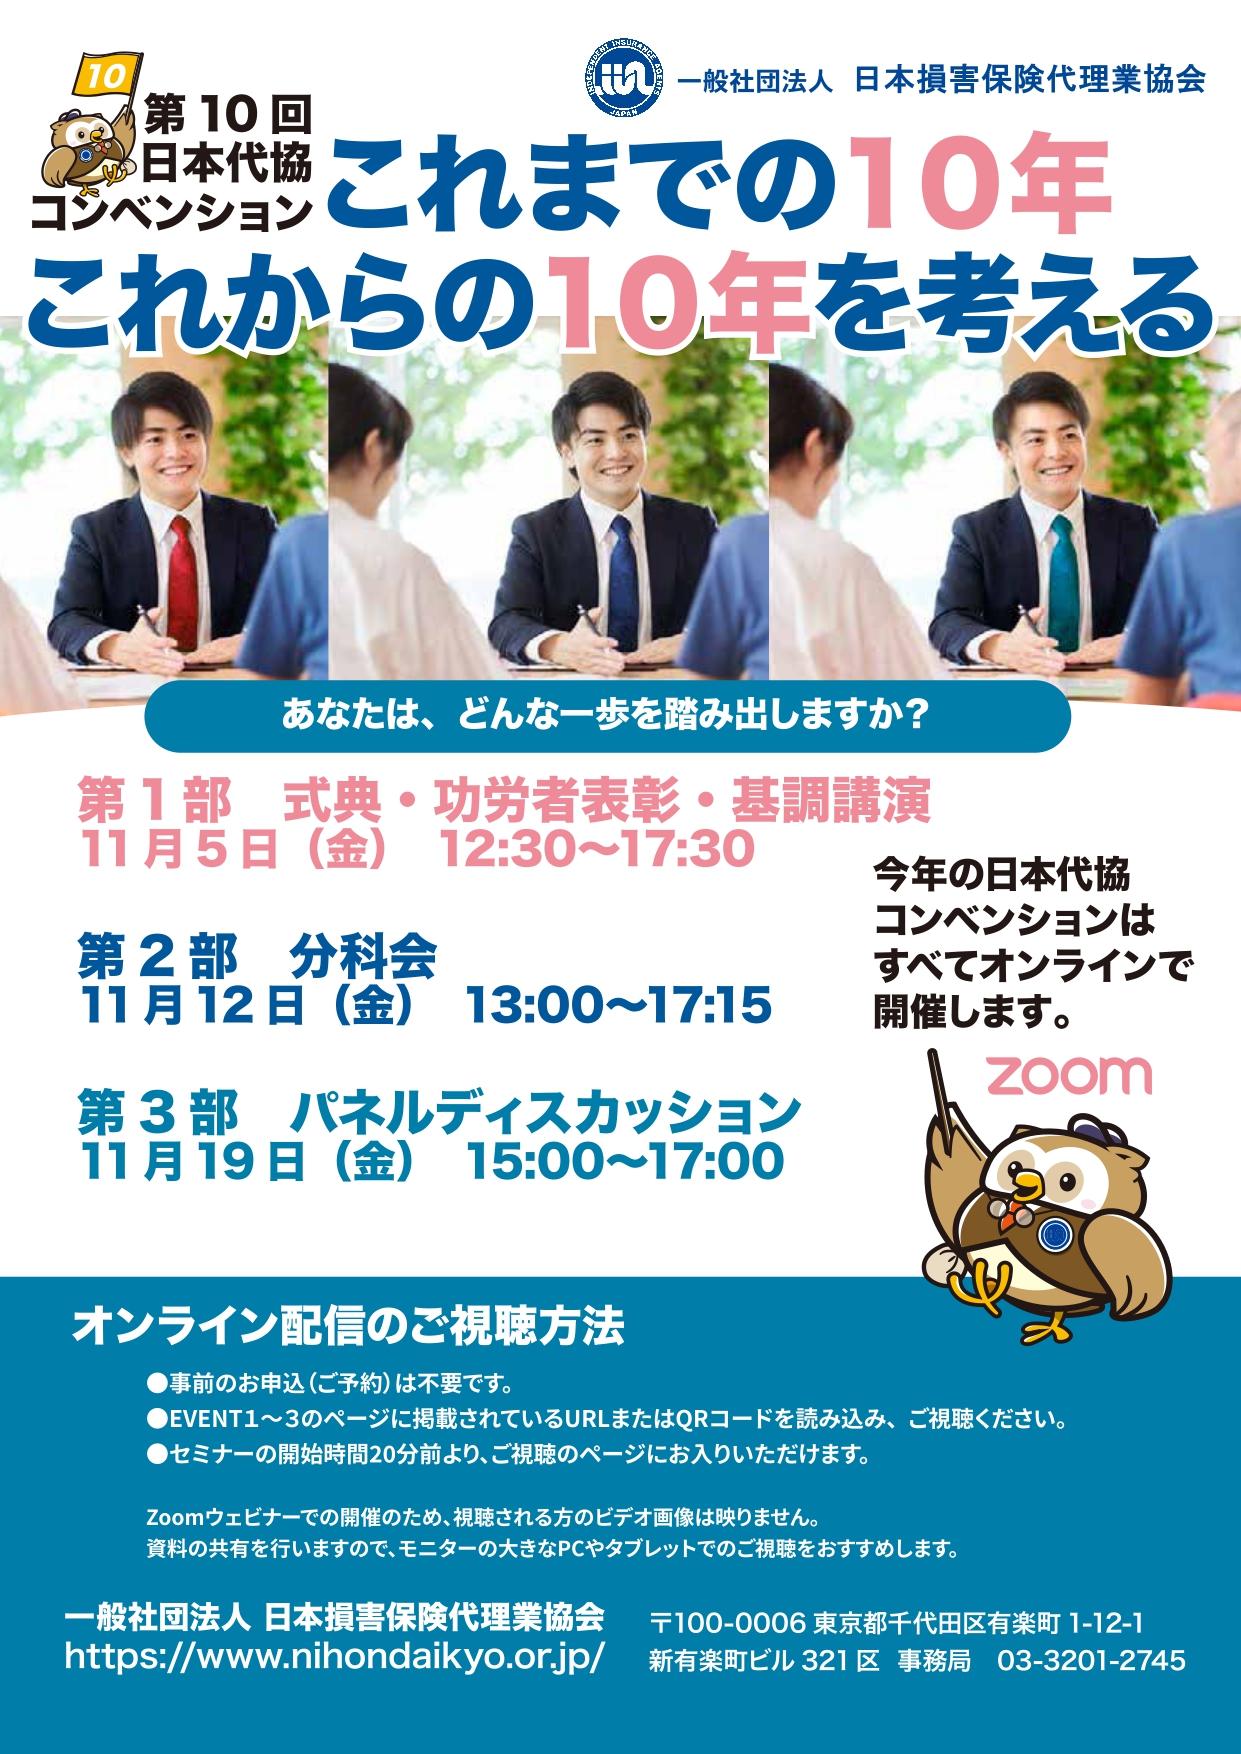 第10回日本代協コンベンション開催のお知らせ